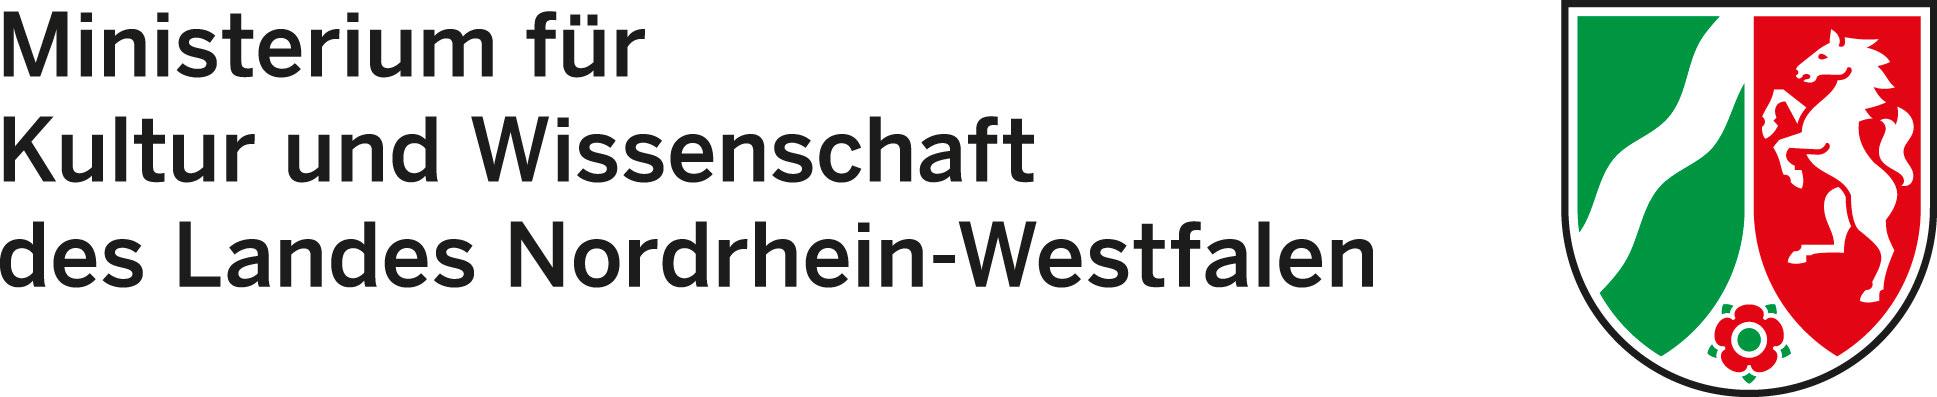 Logo Ministerium für Kultur und Wissenschaft des Landes Nordrhein-Westfalen